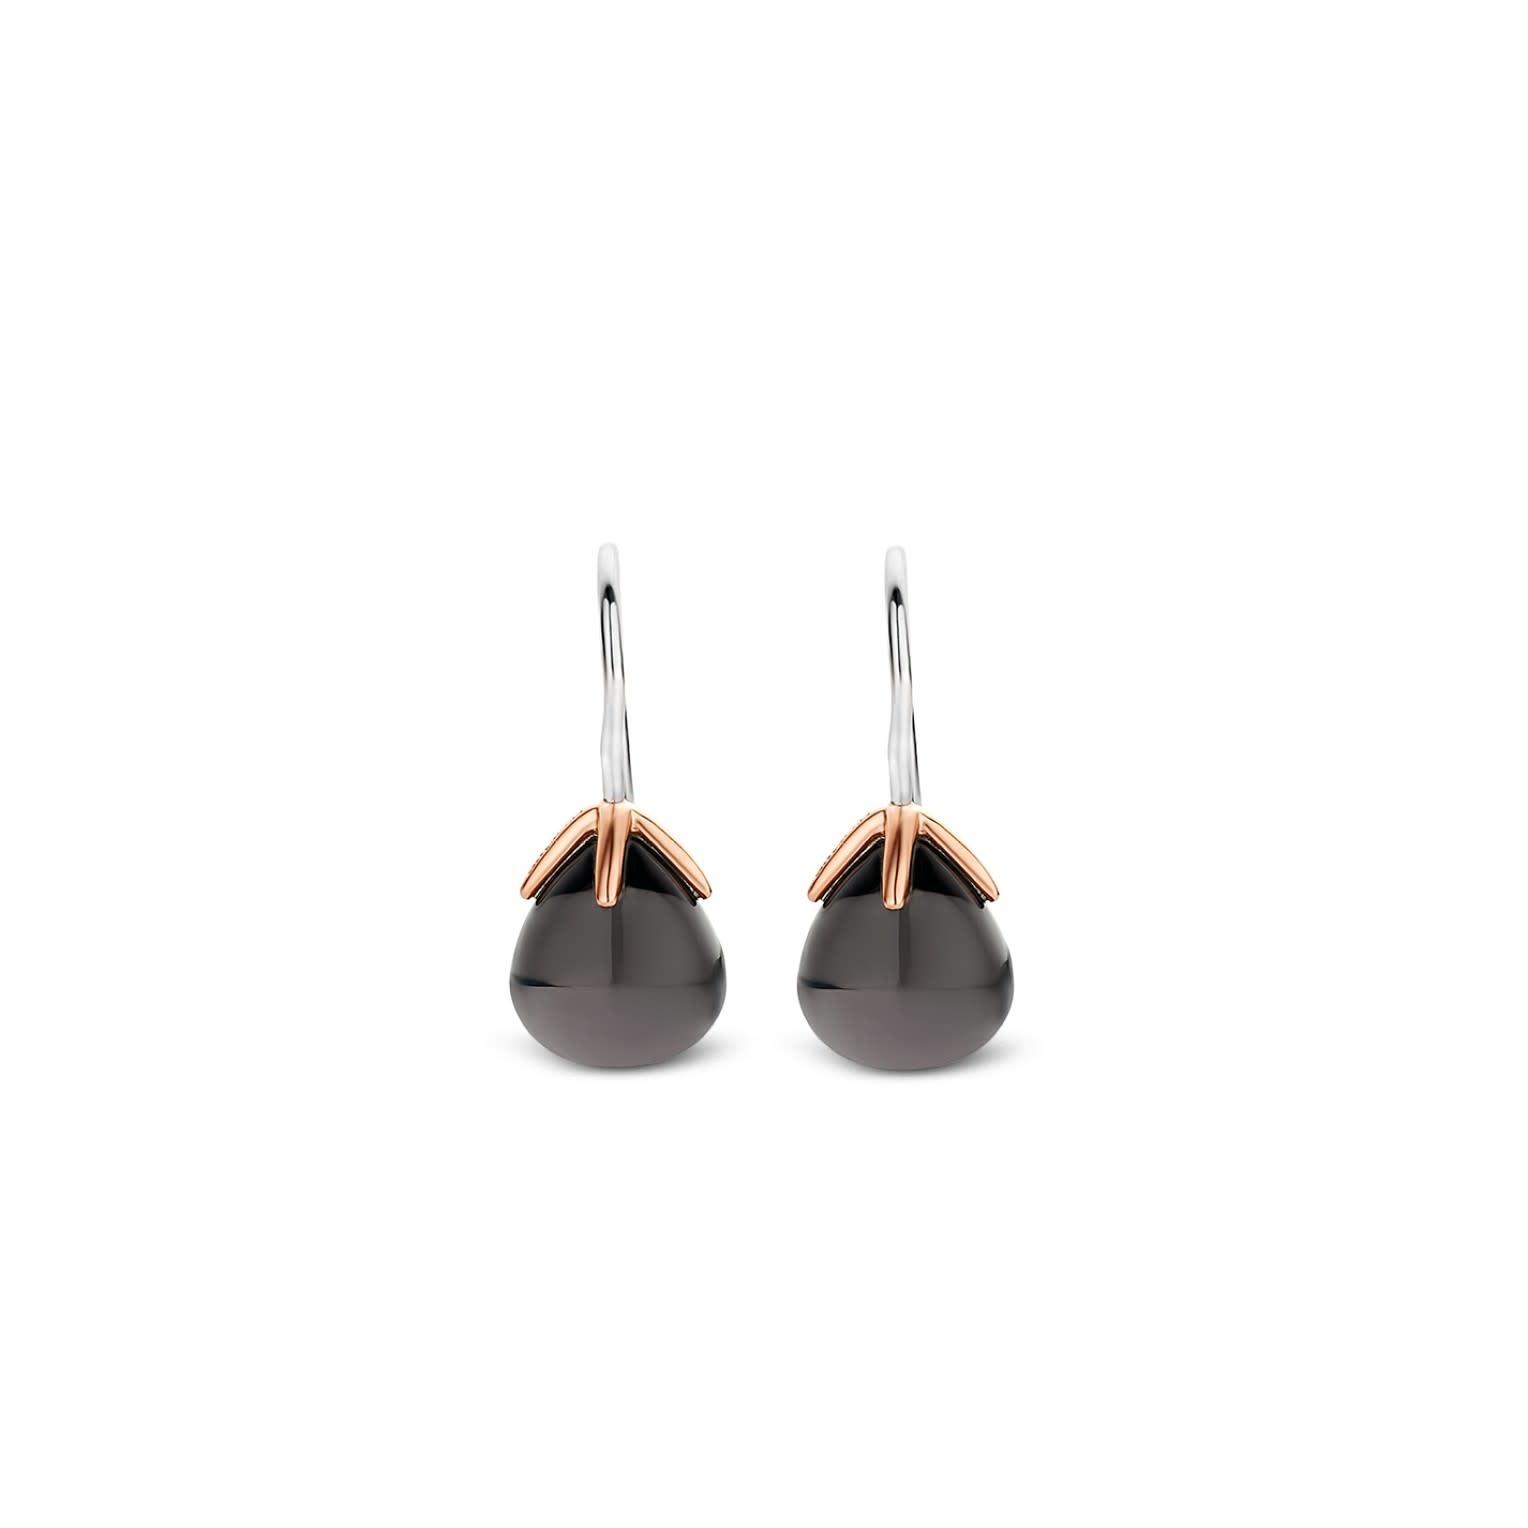 TI SENTO - Milano Earrings 7802GB-1